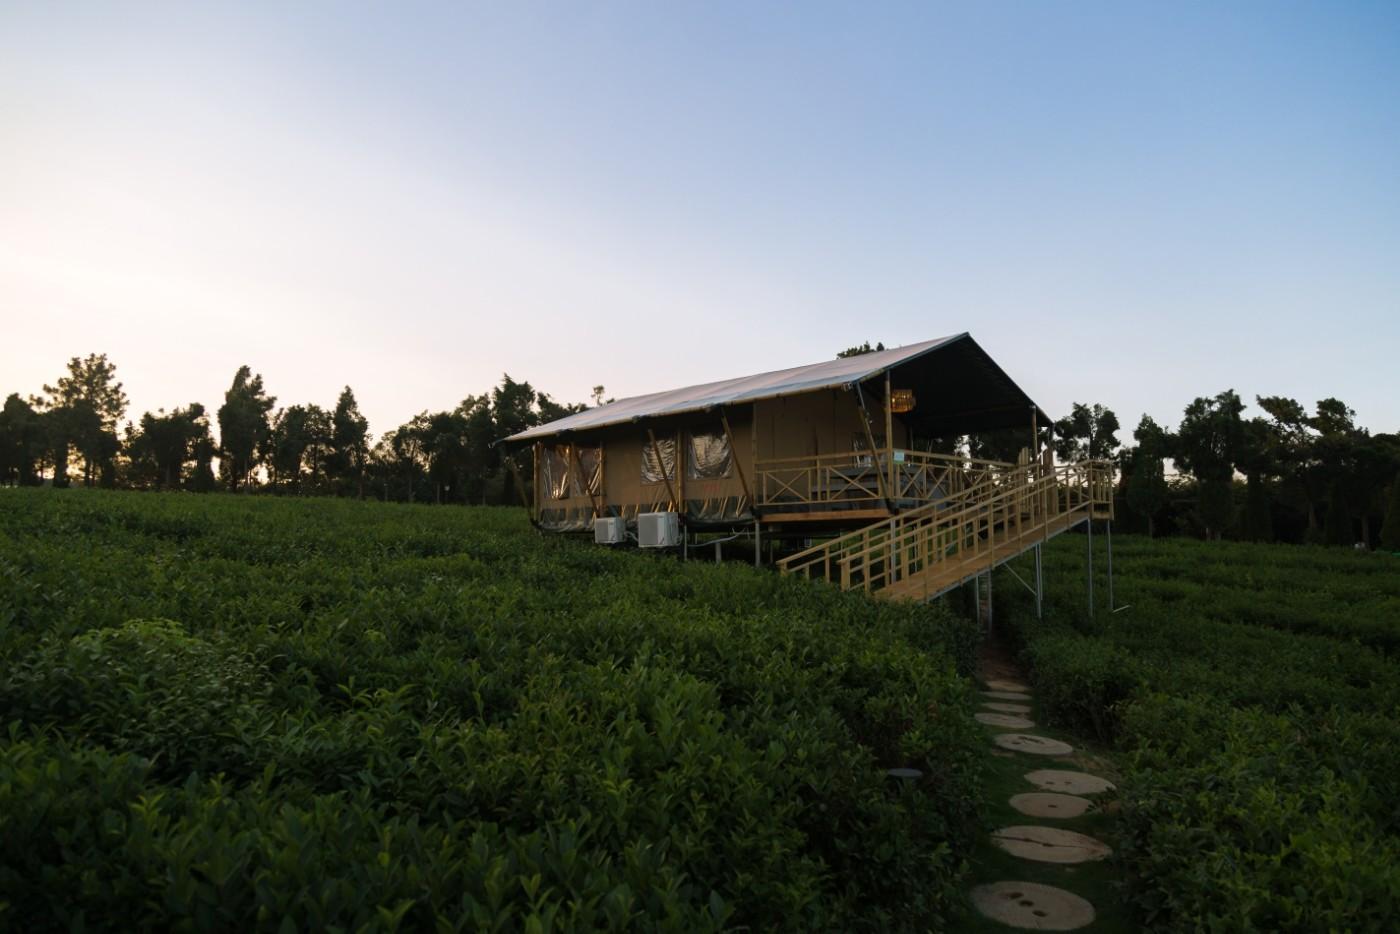 江苏常州茅山宝盛园坡地帐篷酒店21